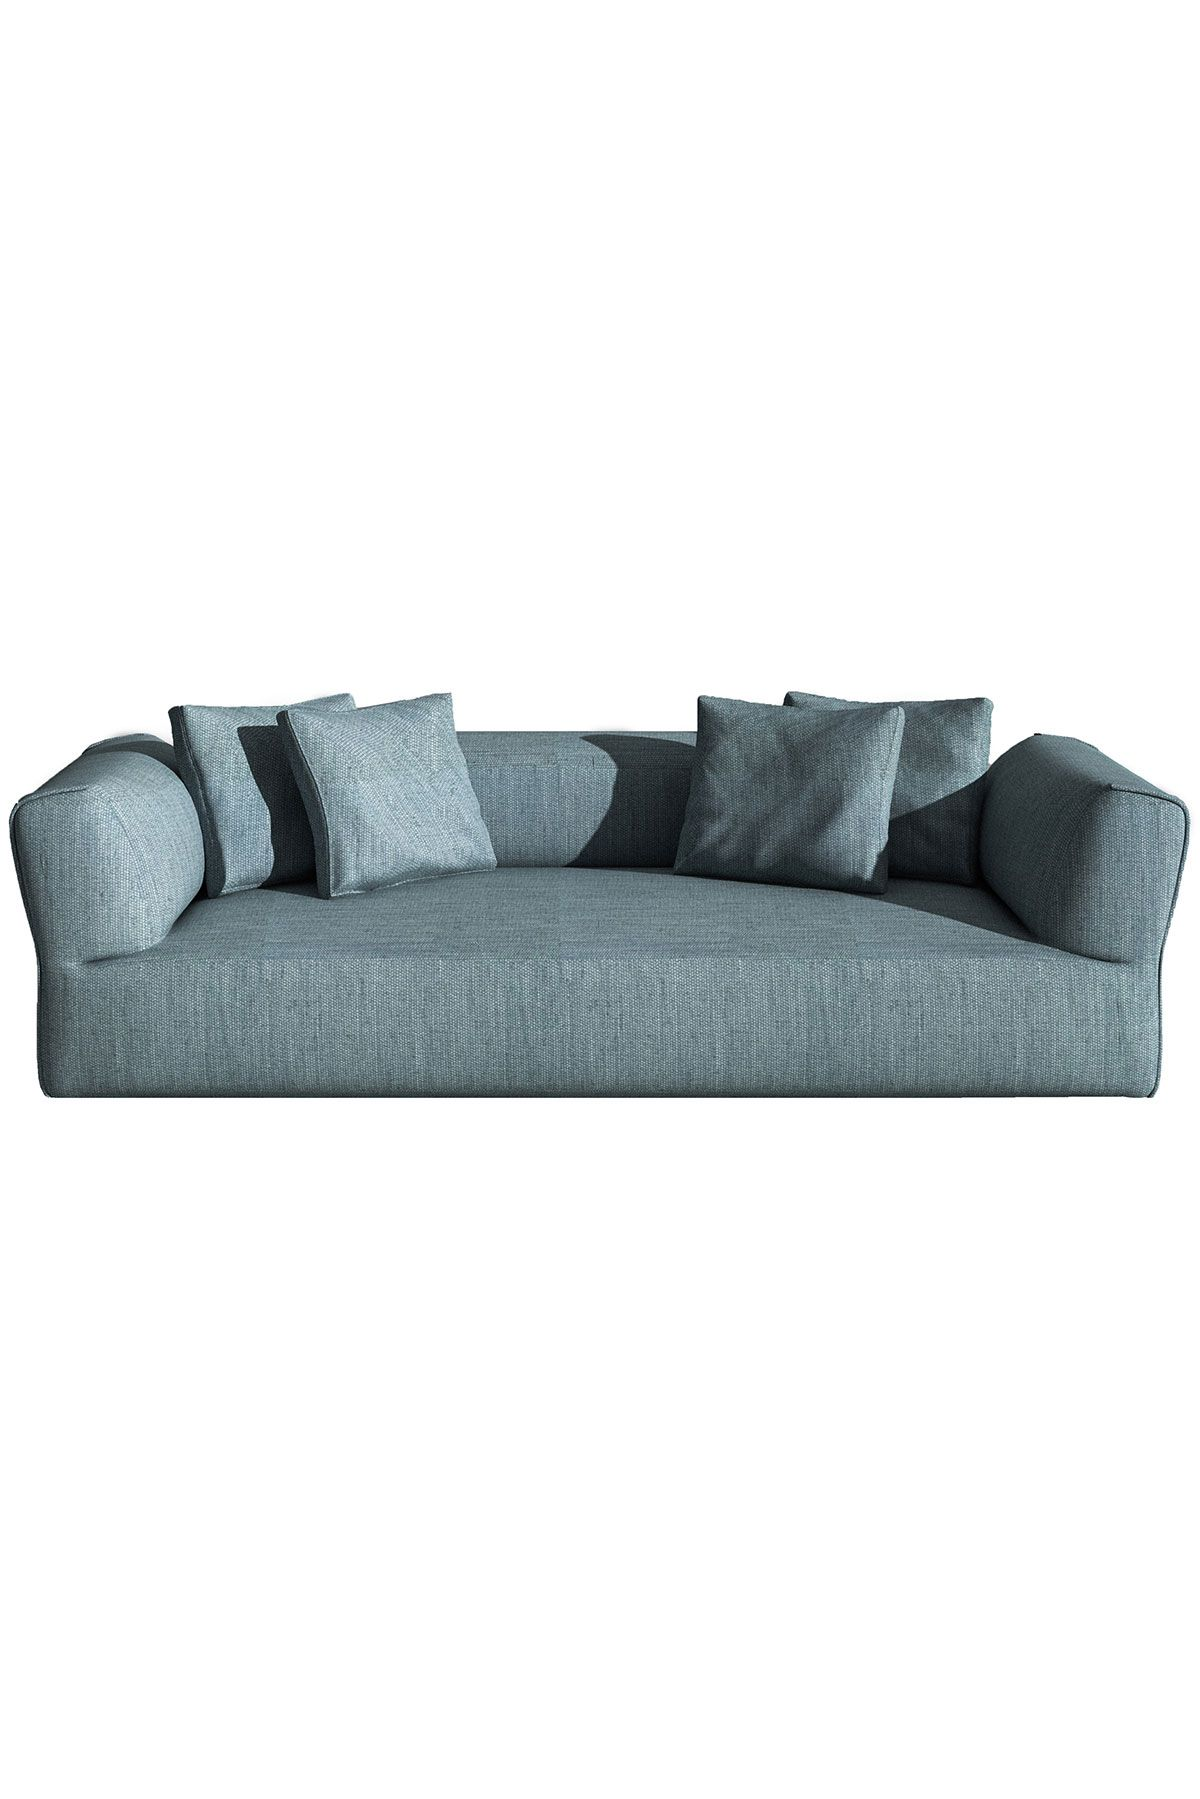 rever sofa designed by ludovica roberto palomba for driade rh pinterest com